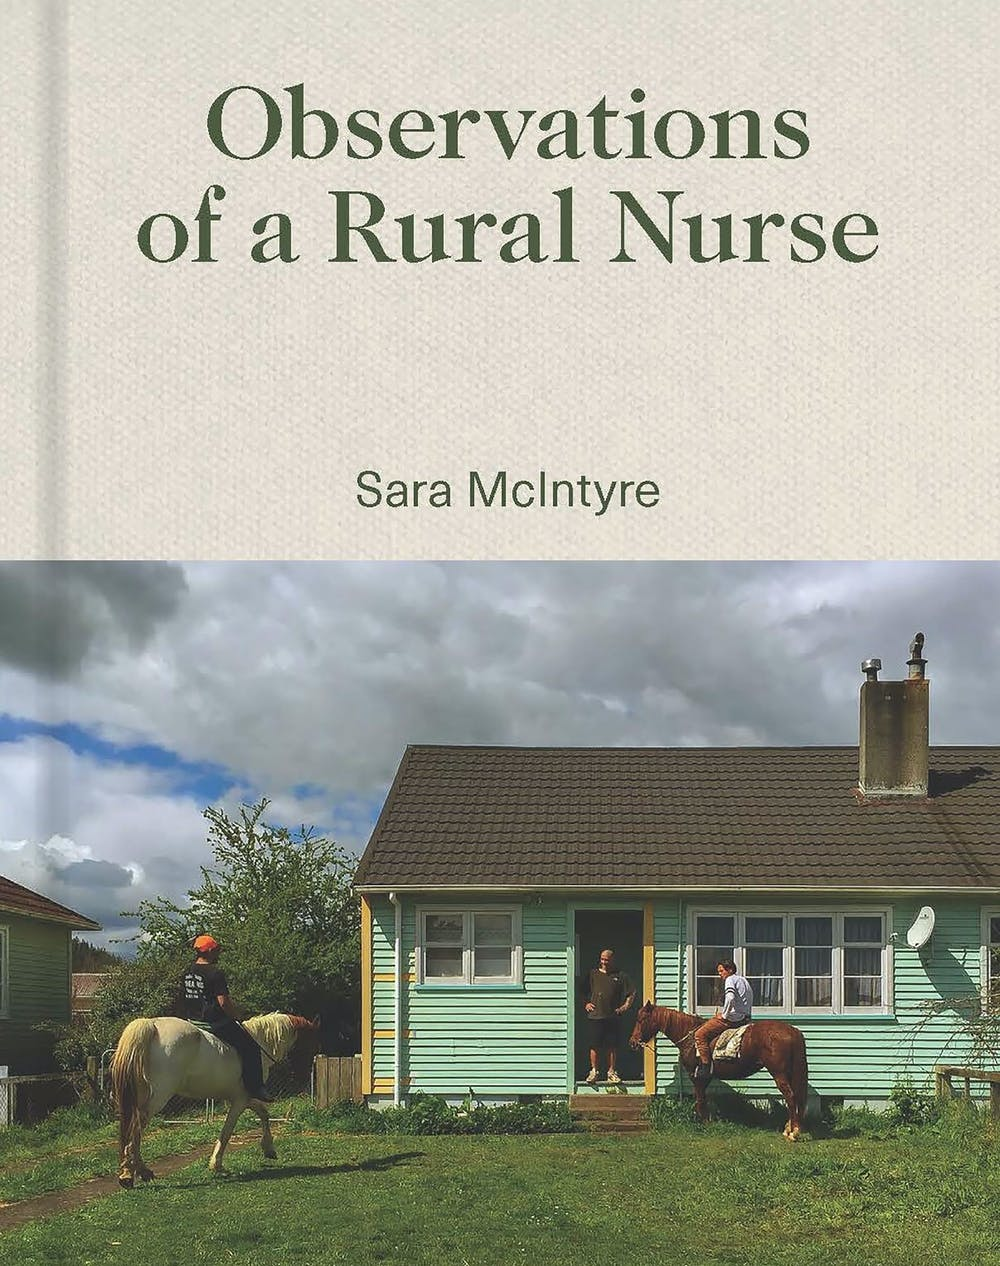 Observations of a Rural Nurse Image 1